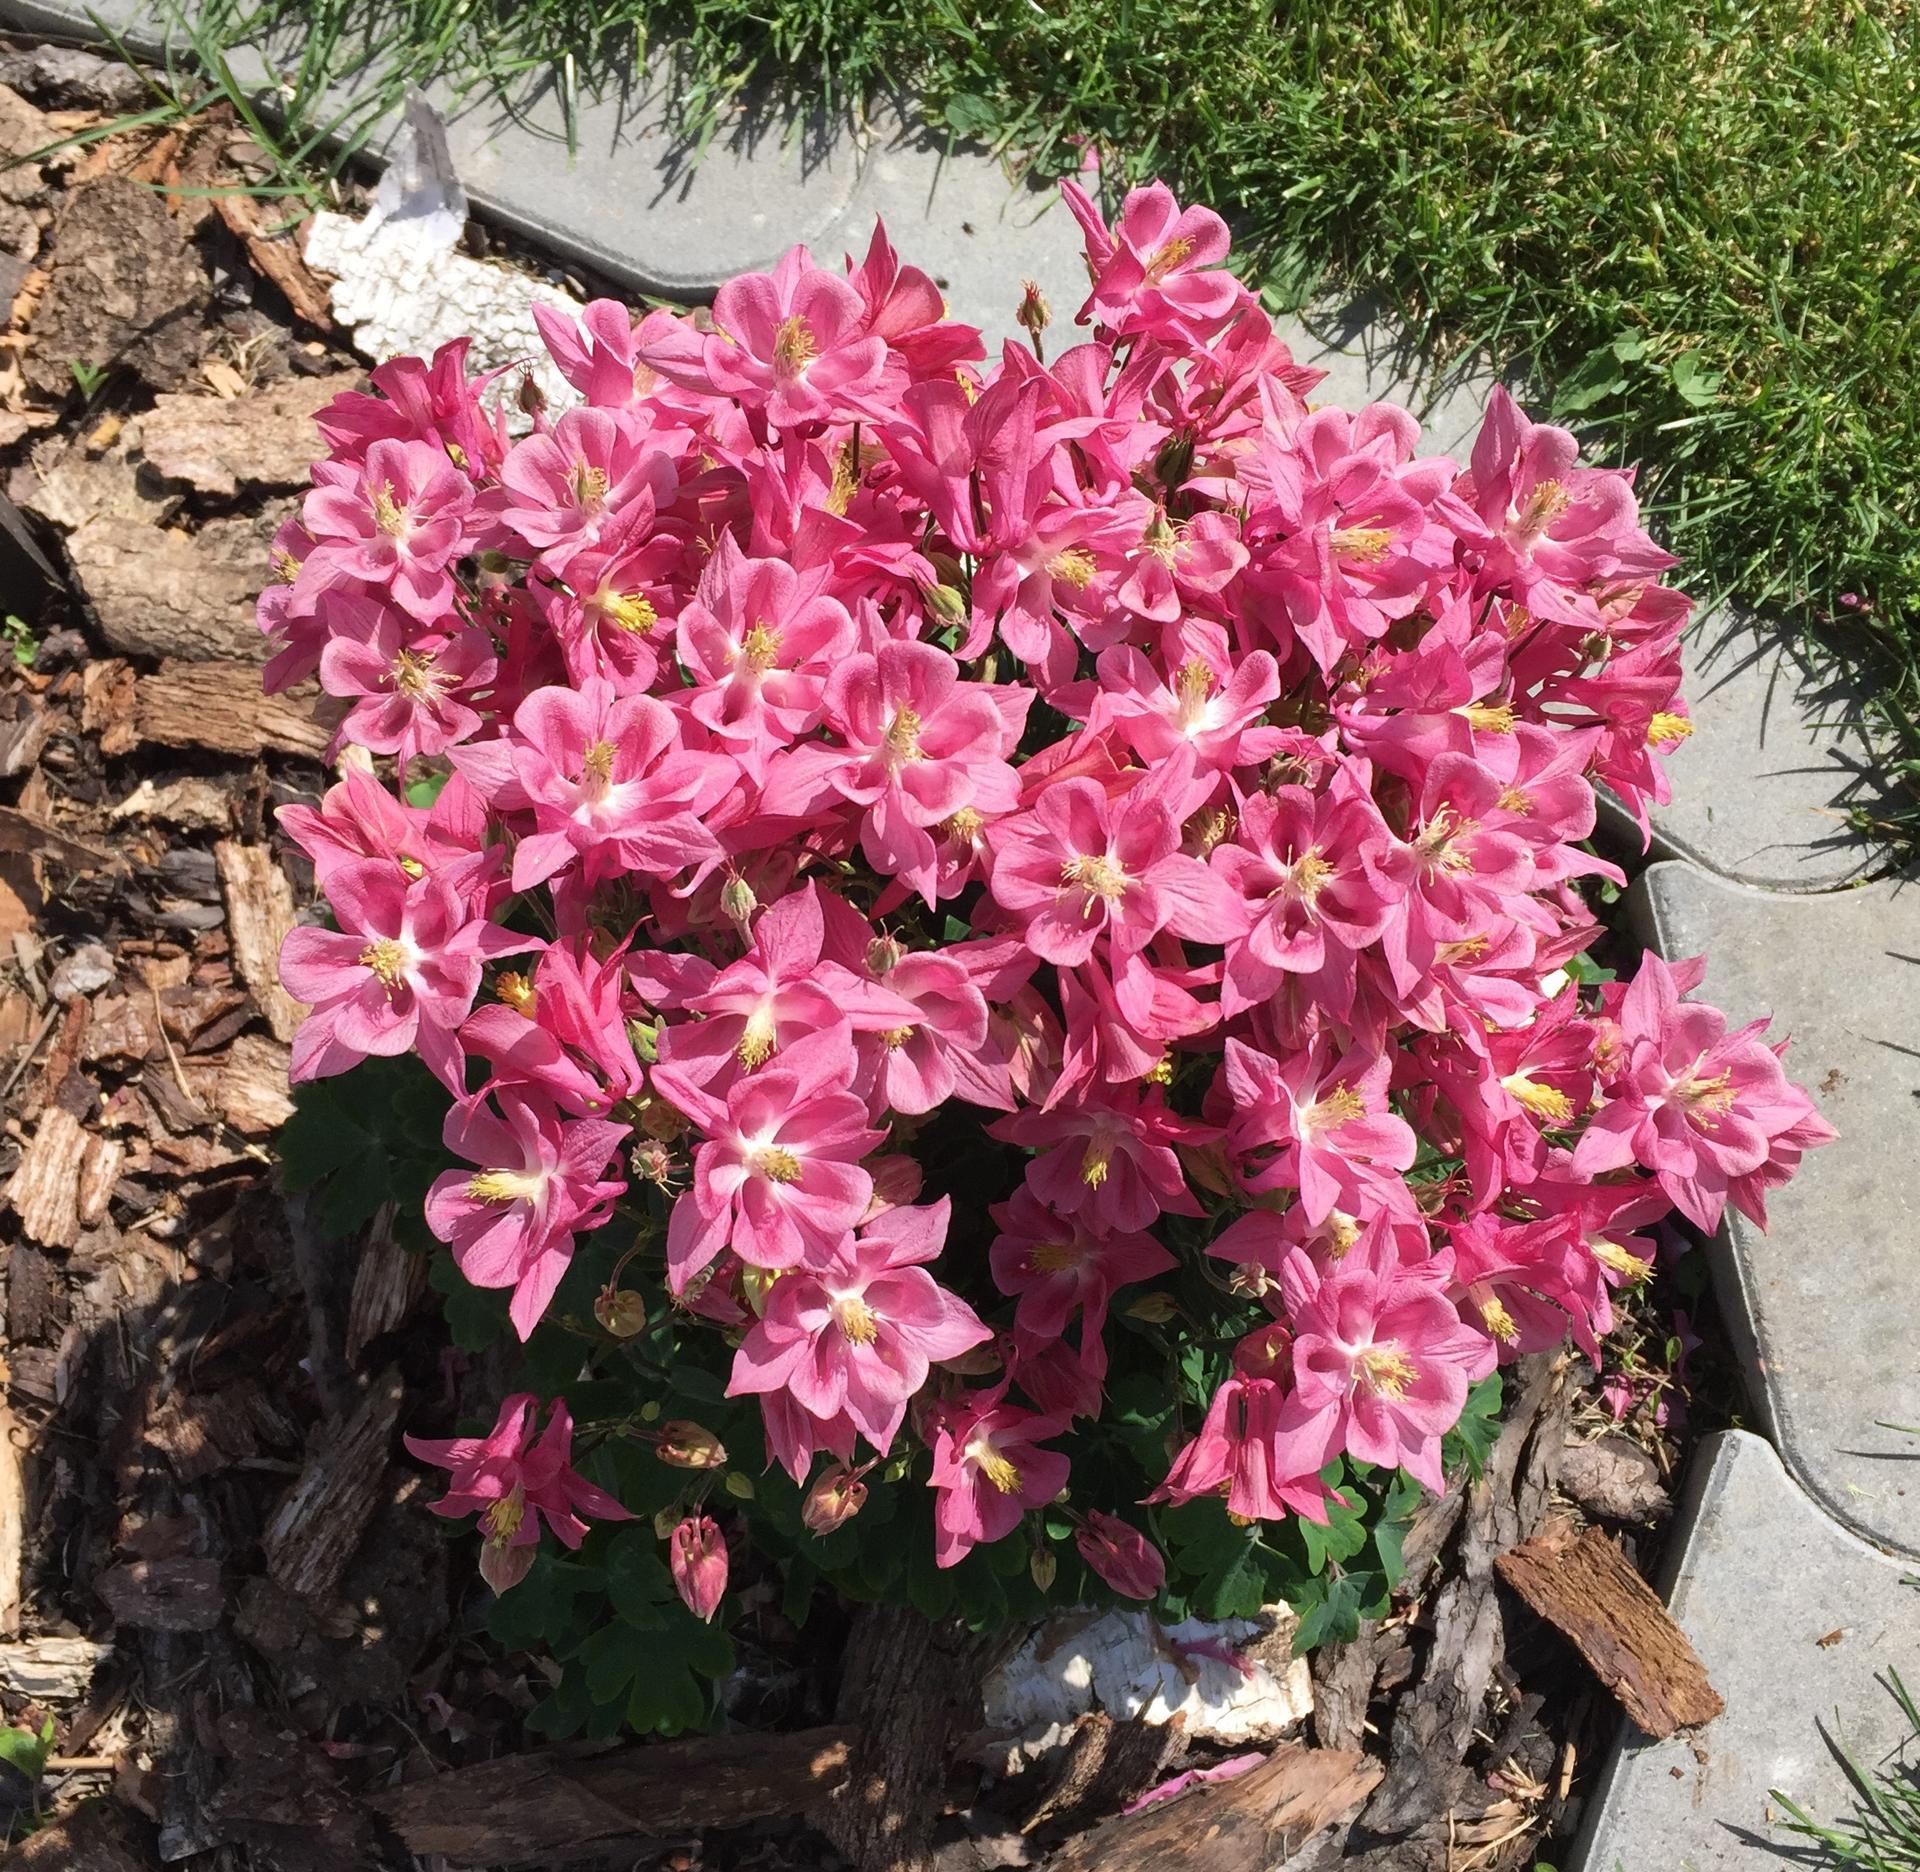 Naše barevná zahrada 🌸 - Zase ten orlíček - myslela jsem, že už snad více ani kvést nemůže 🙉🌸